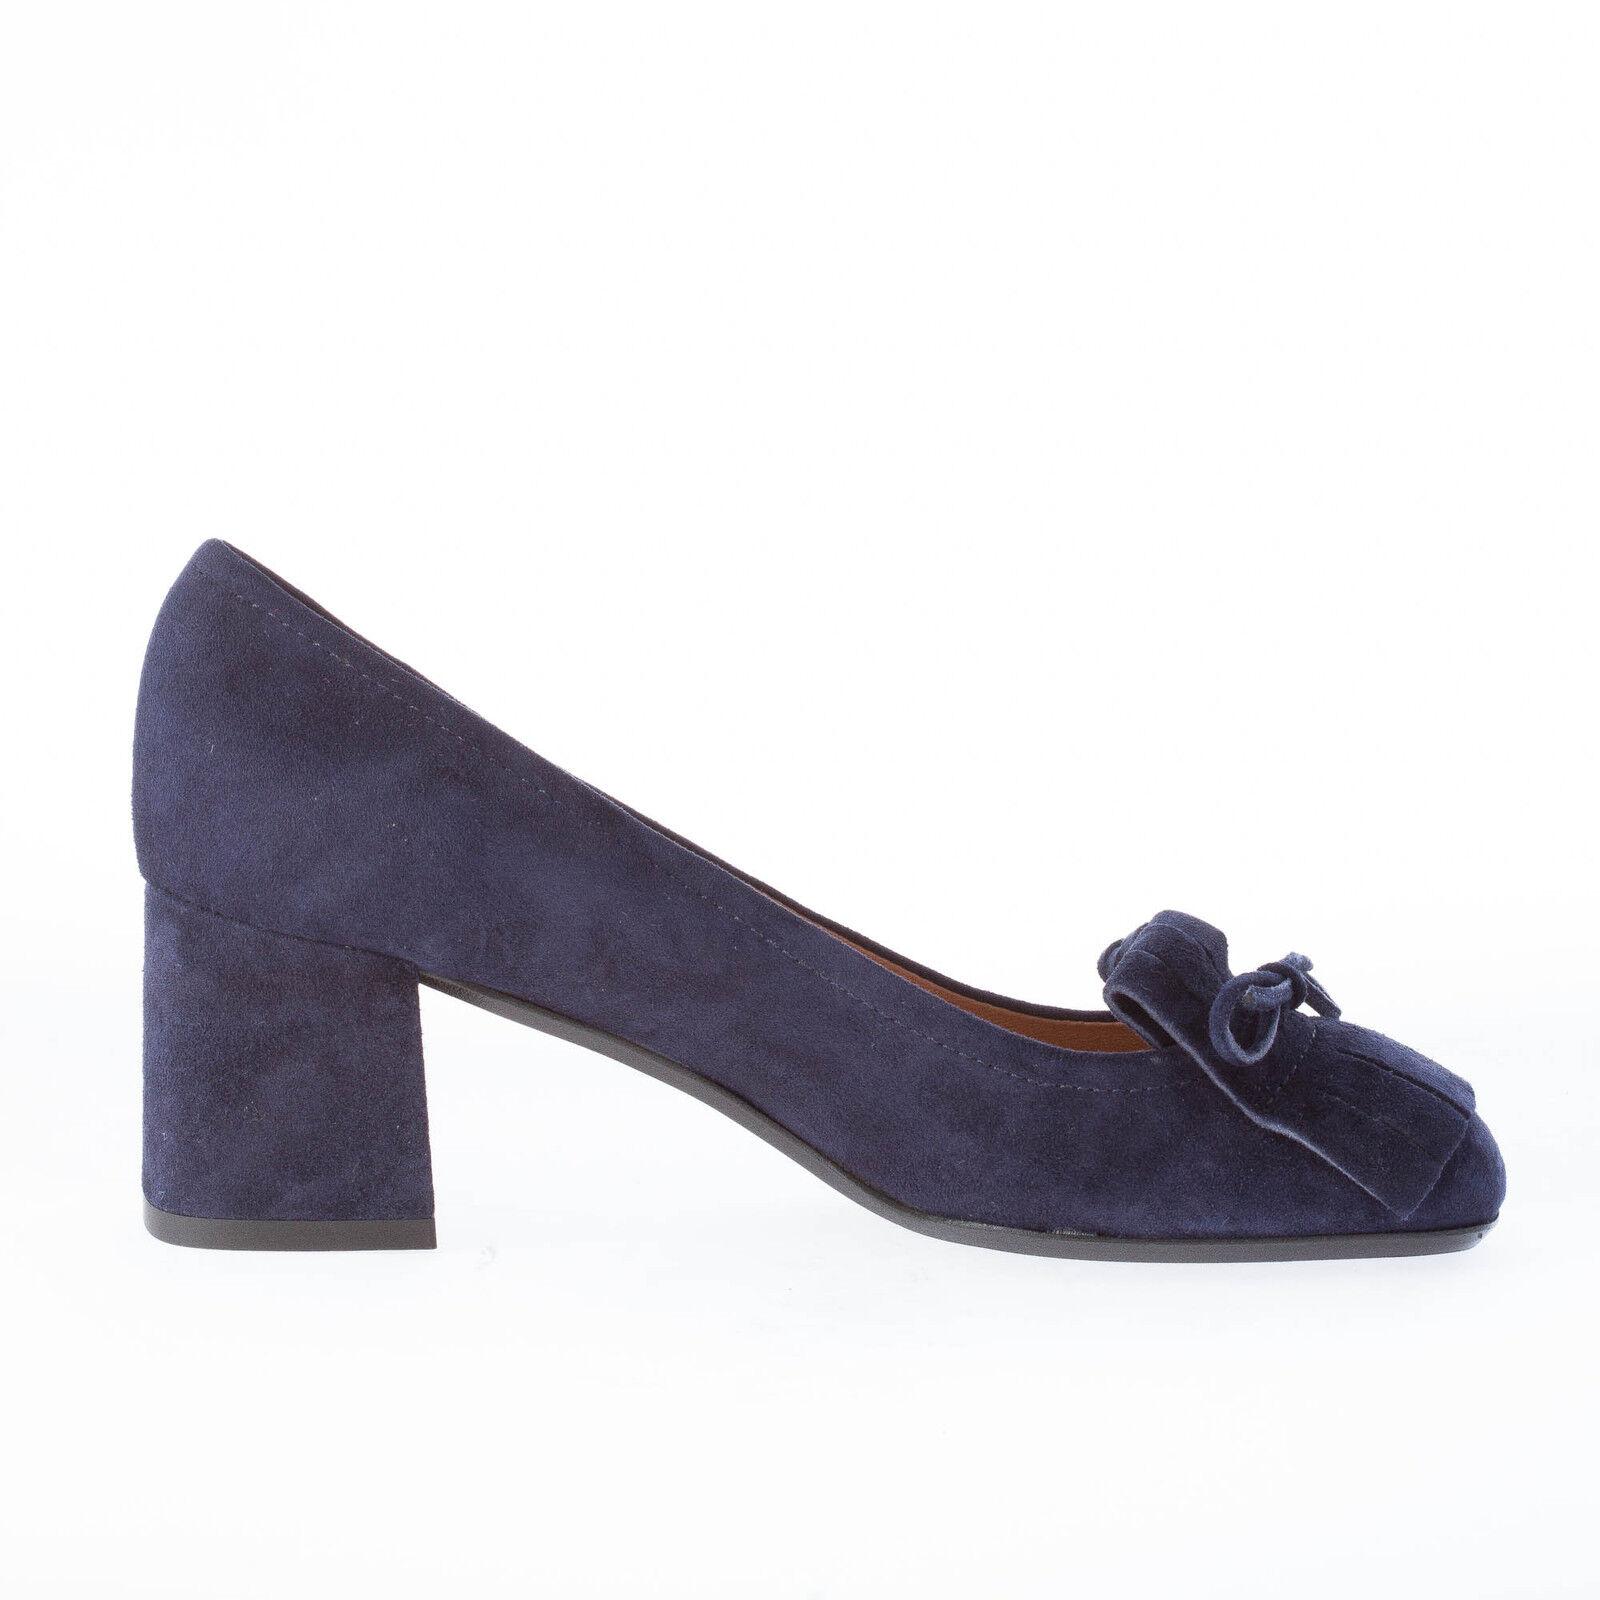 IL BORGO FIRENZE damen Damens schuhe Damens damen made in  Blau suede pump fringe bow 693094